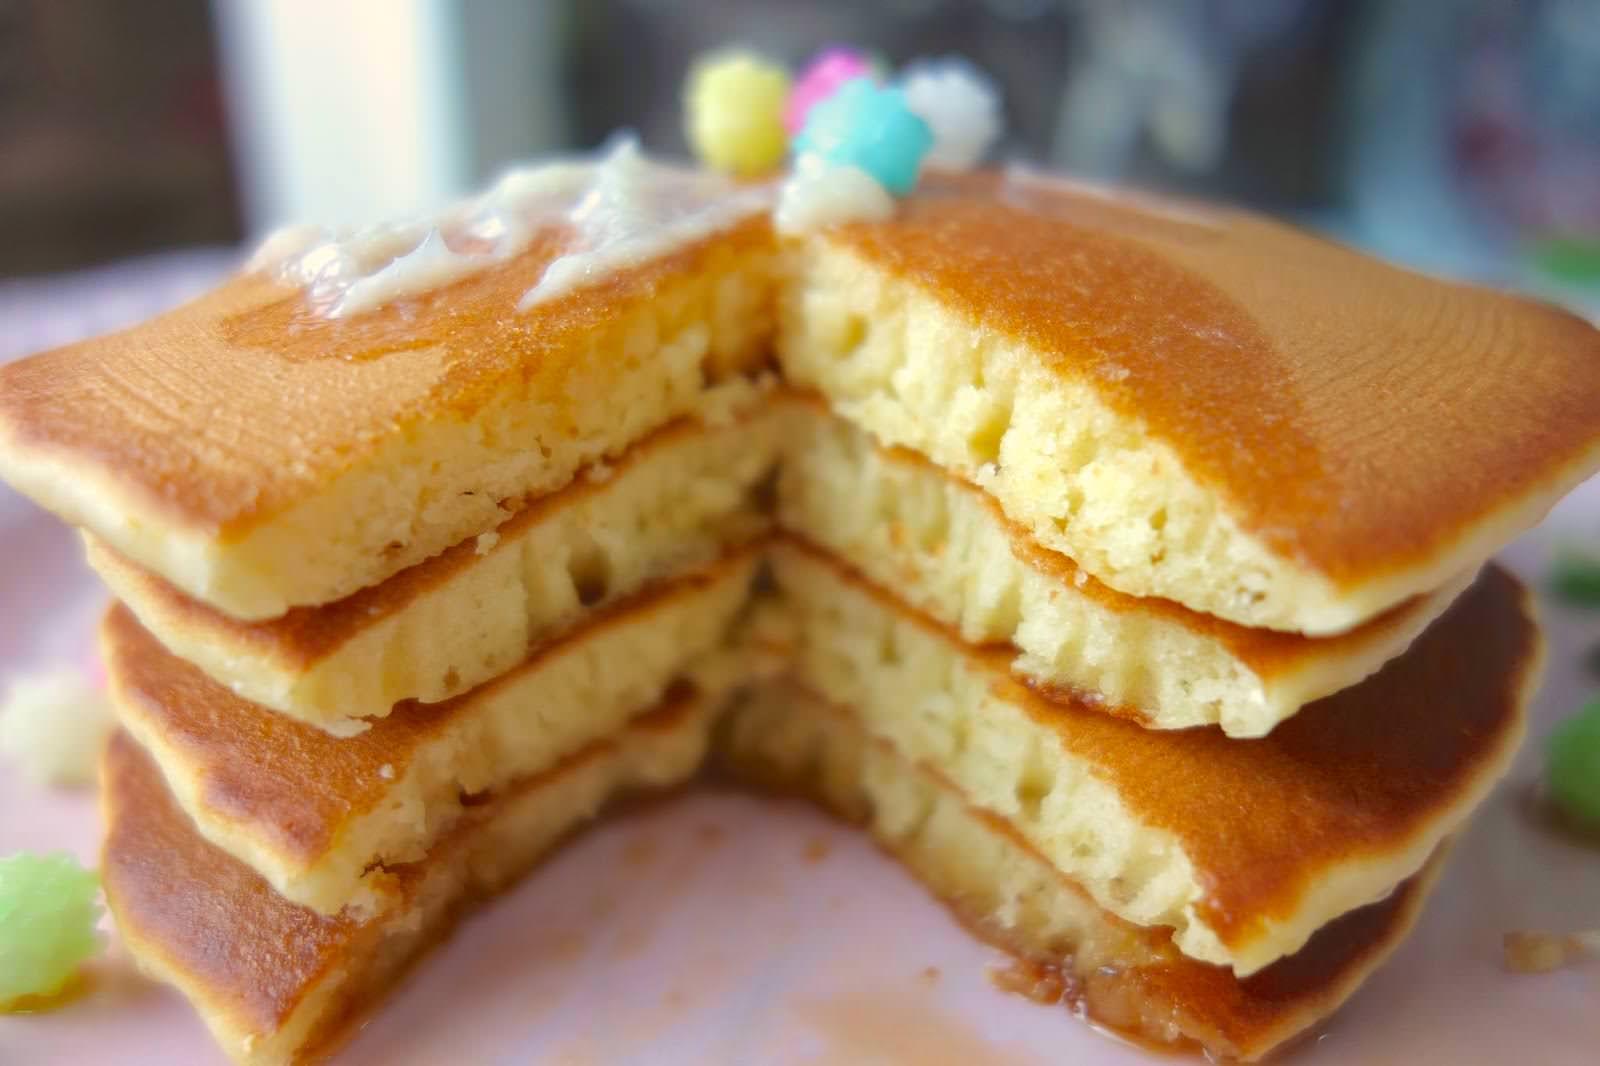 「不用鬆餅粉、泡打粉也能做超鬆軟的鬆餅」只要一個小撇步就能做到!